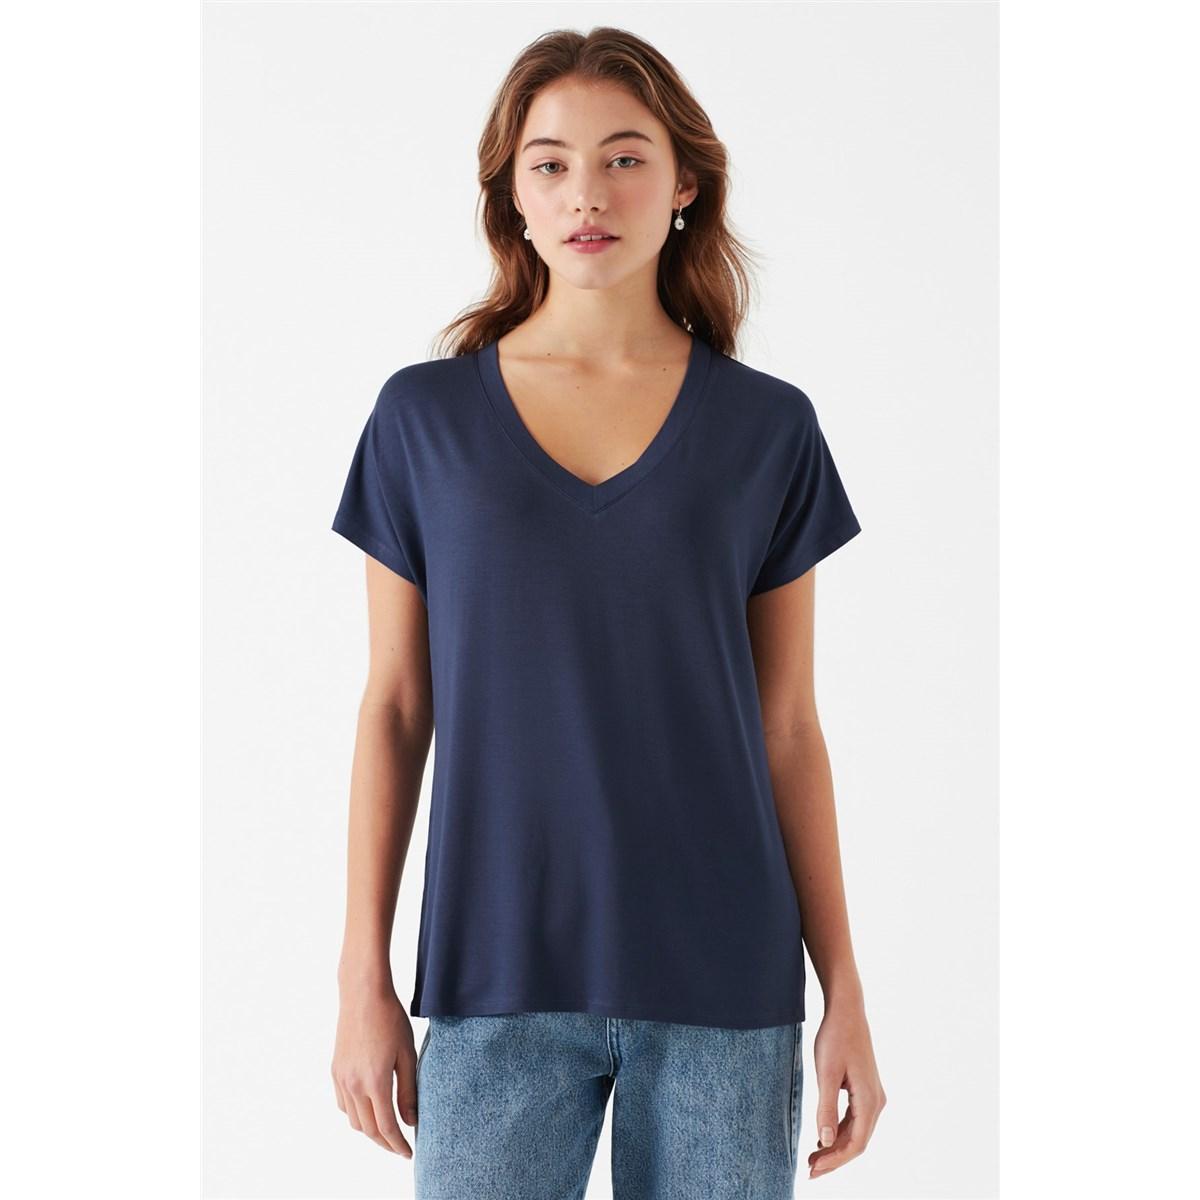 Mavi V Yaka Kadın Koyu Mavi Basic Tişört